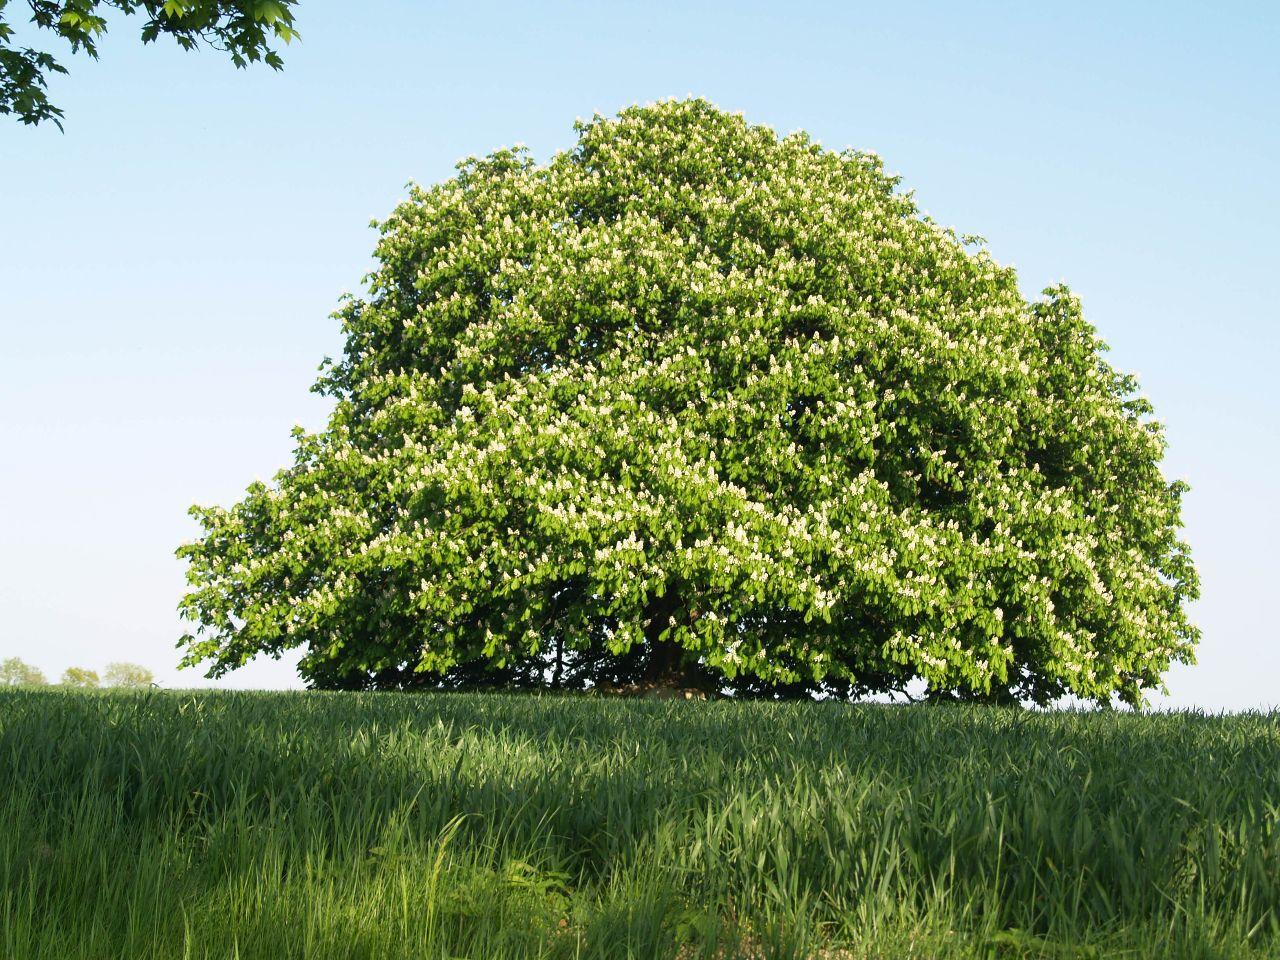 Kugelbaum in Blüte